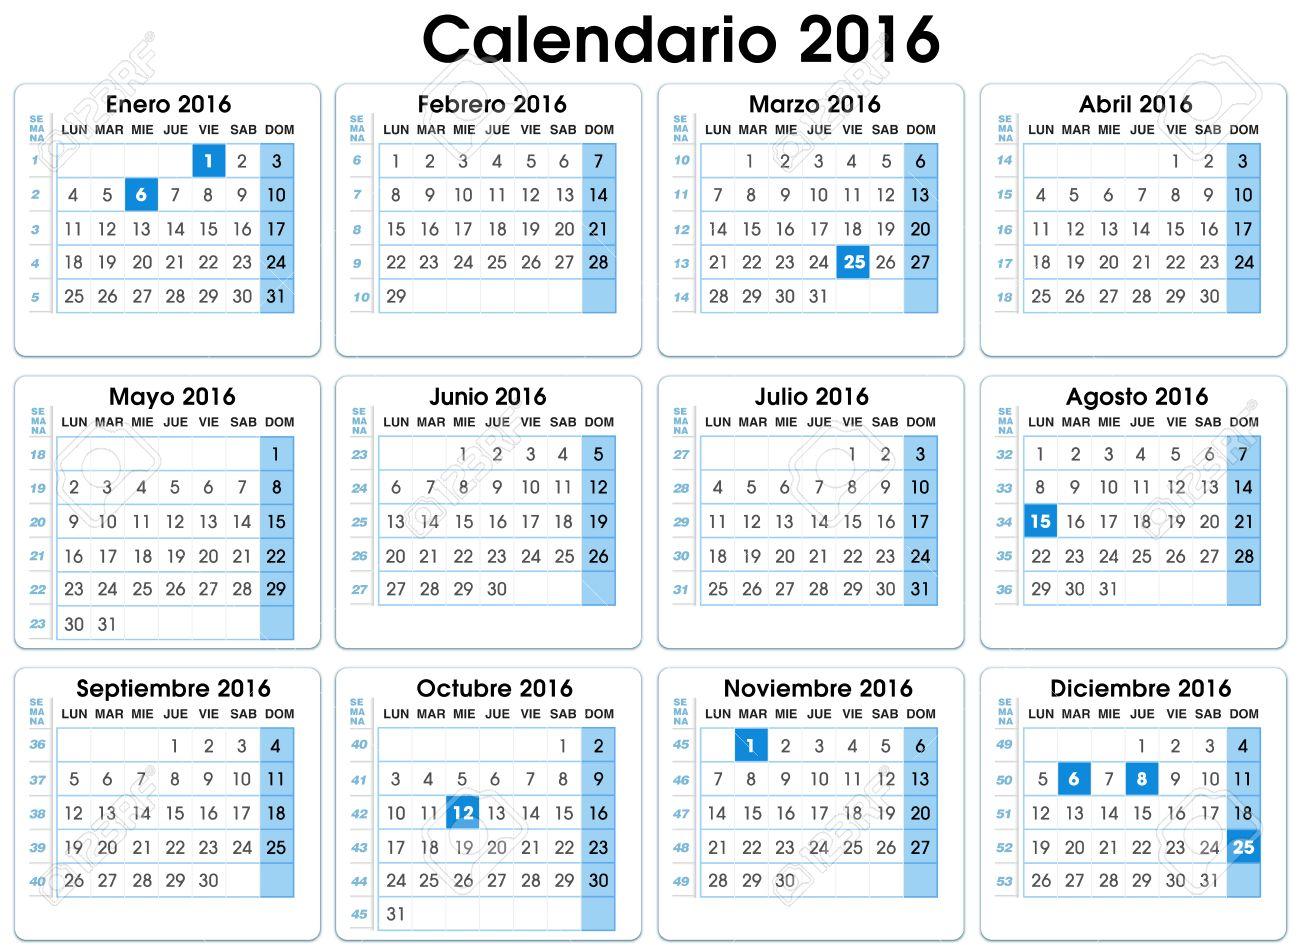 Calendrier Avec Numero Semaine.Calendrier Verticale 2016 Espagnol 12 Mois En Indiquant Le Numero Semaines Calendrier 2016 Espagnol Avec Des Semaines Et Des Partis